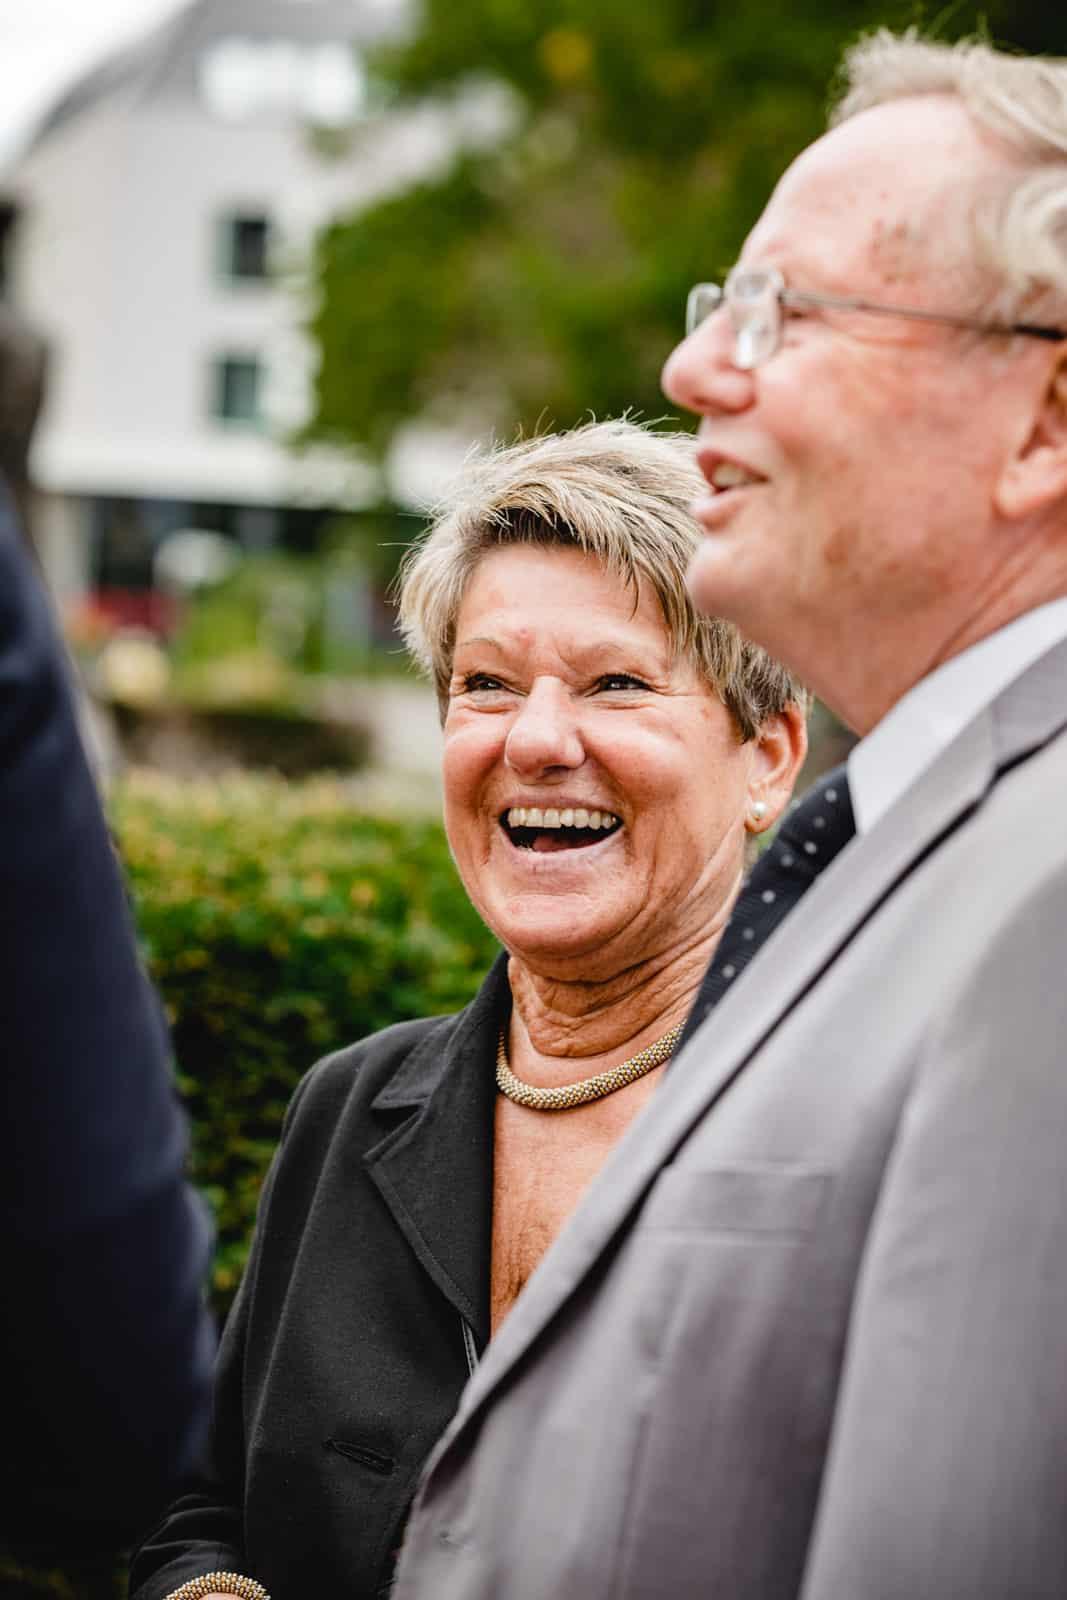 Frau lacht draussen vor der St. Ludwigs Kirche in Darmstadt während des Sektempfangs.